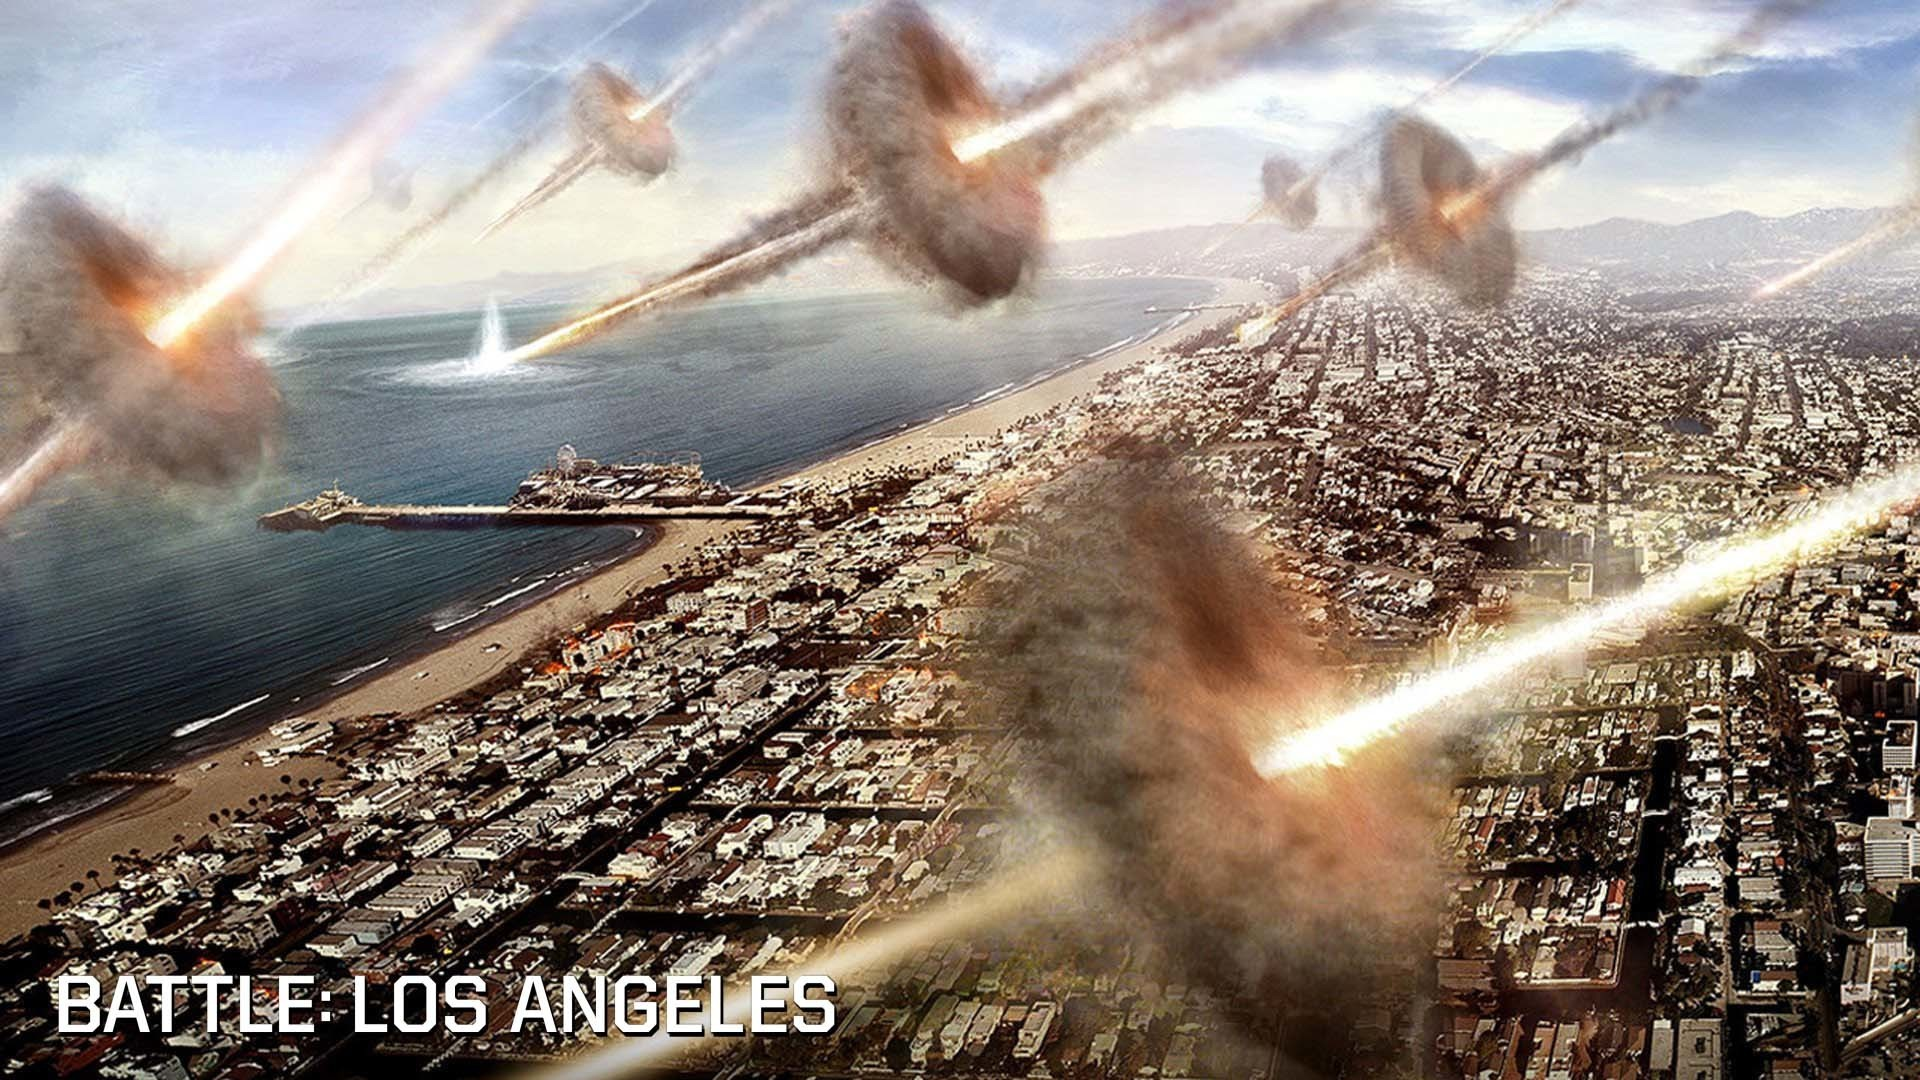 Инопланетное вторжение: Битва за Лос-Анджелес смотреть фото